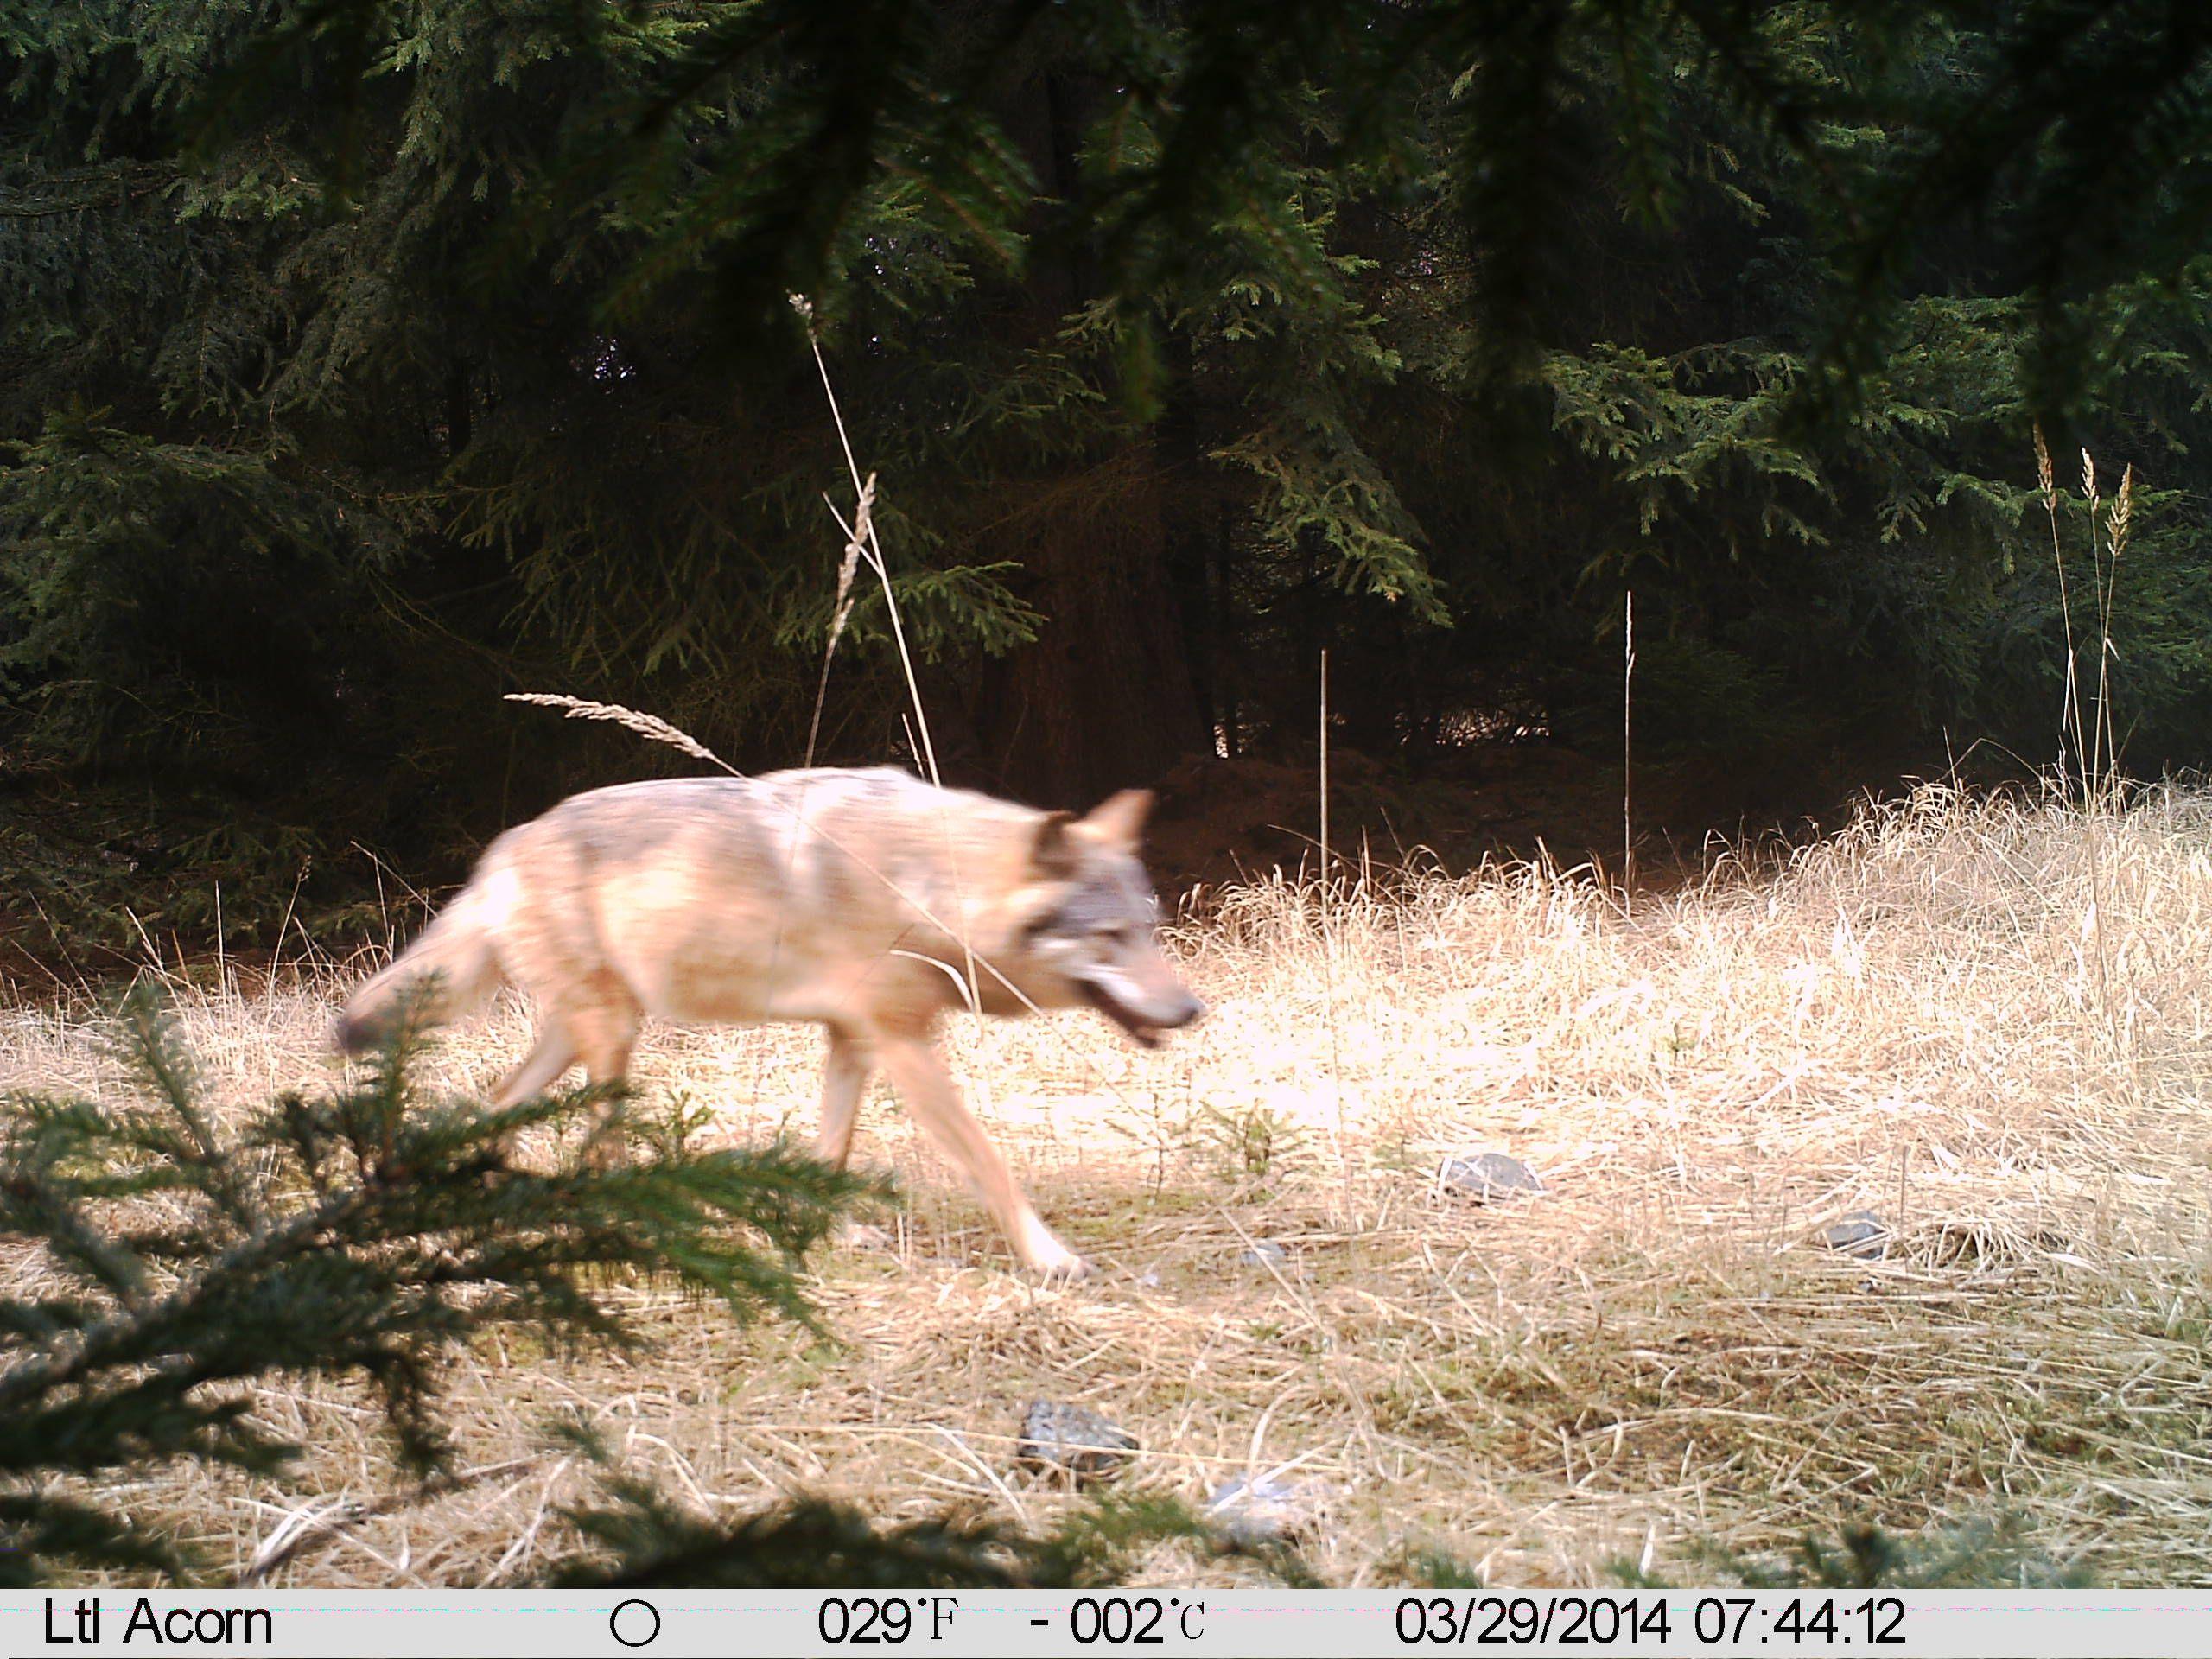 Fotopast: první jednoznačný doklad výskytu vlka v severních Čechách